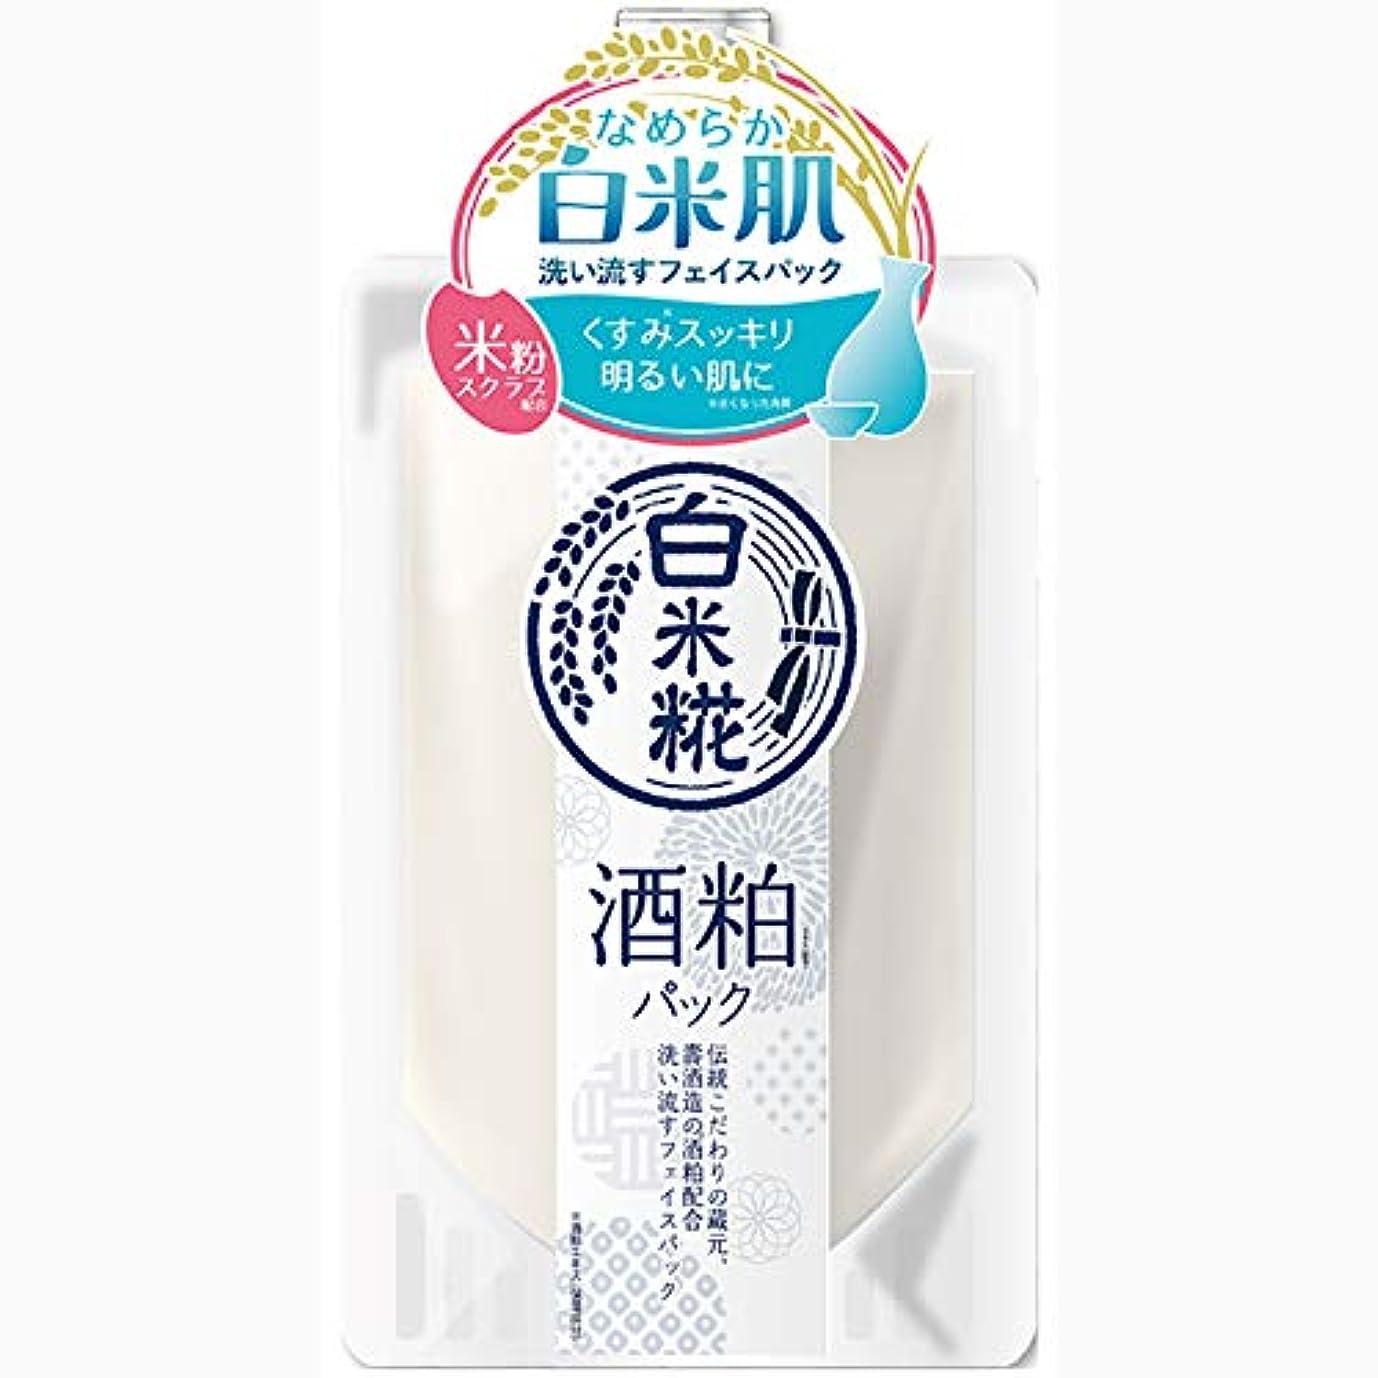 抵当棚固有の白米糀 酒粕フェイスパック 170g